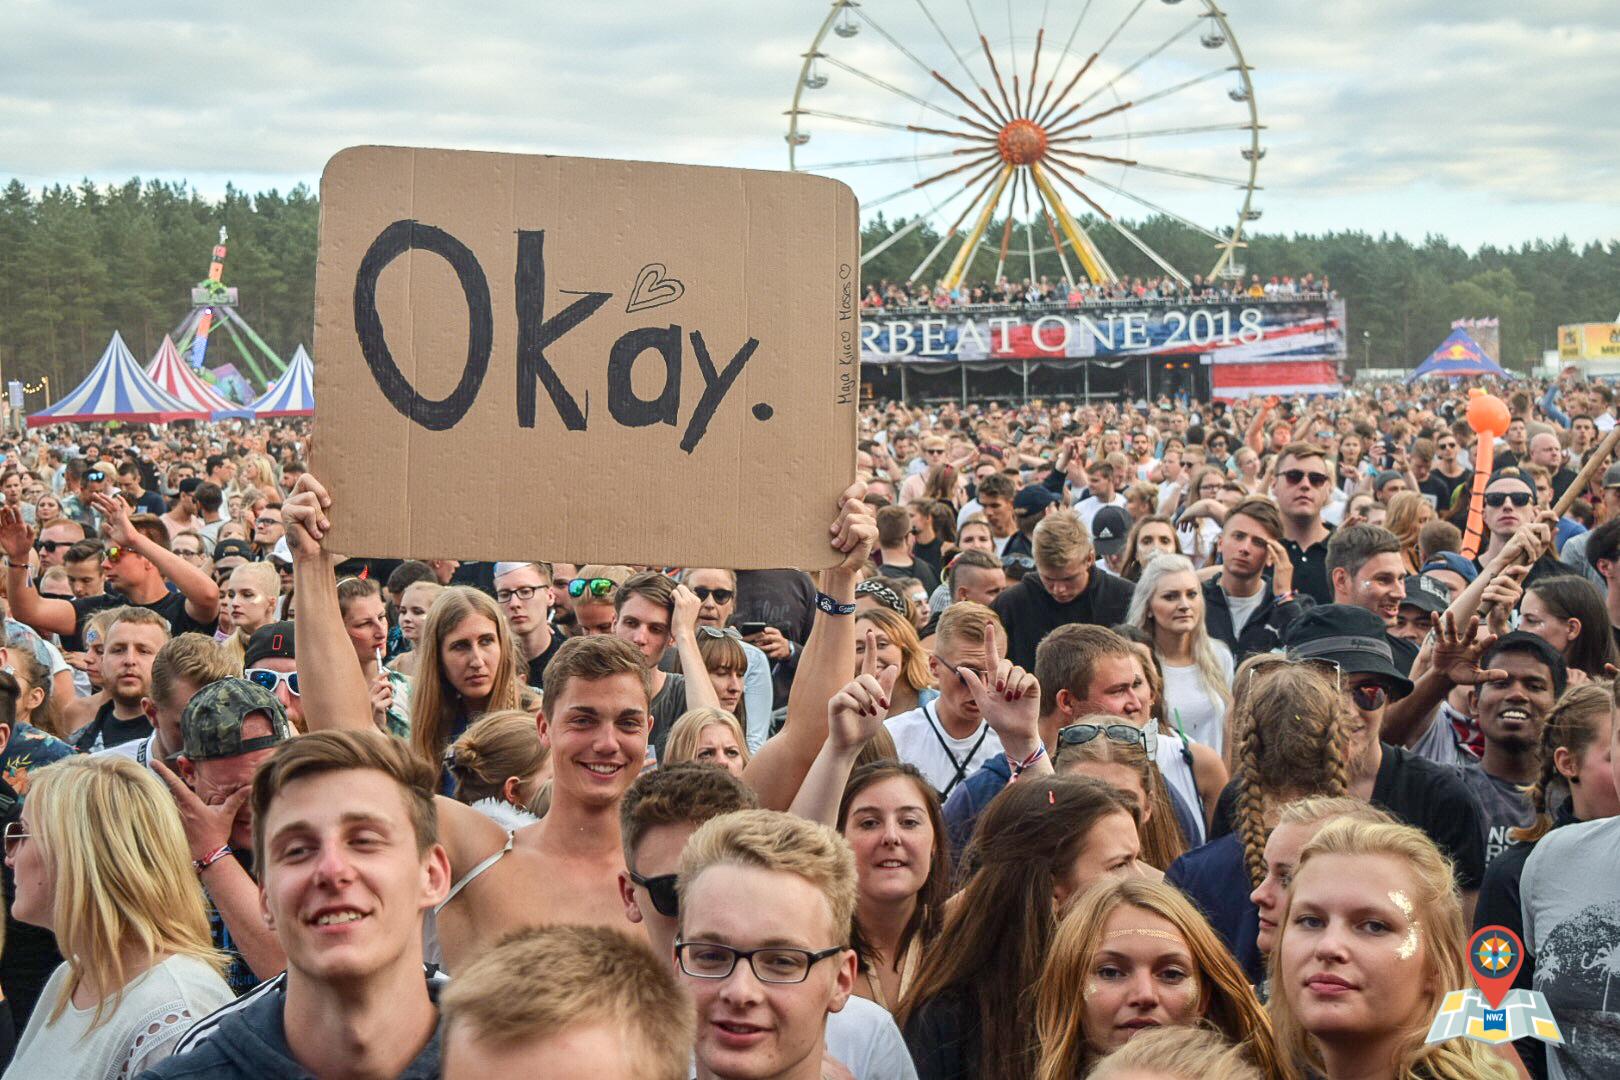 """Vor der Mainstage hält ein junger Mann ein Schild mit der Aufschrift """"Okay"""" in die Höhe. (Bild: Chelsy Haß)"""